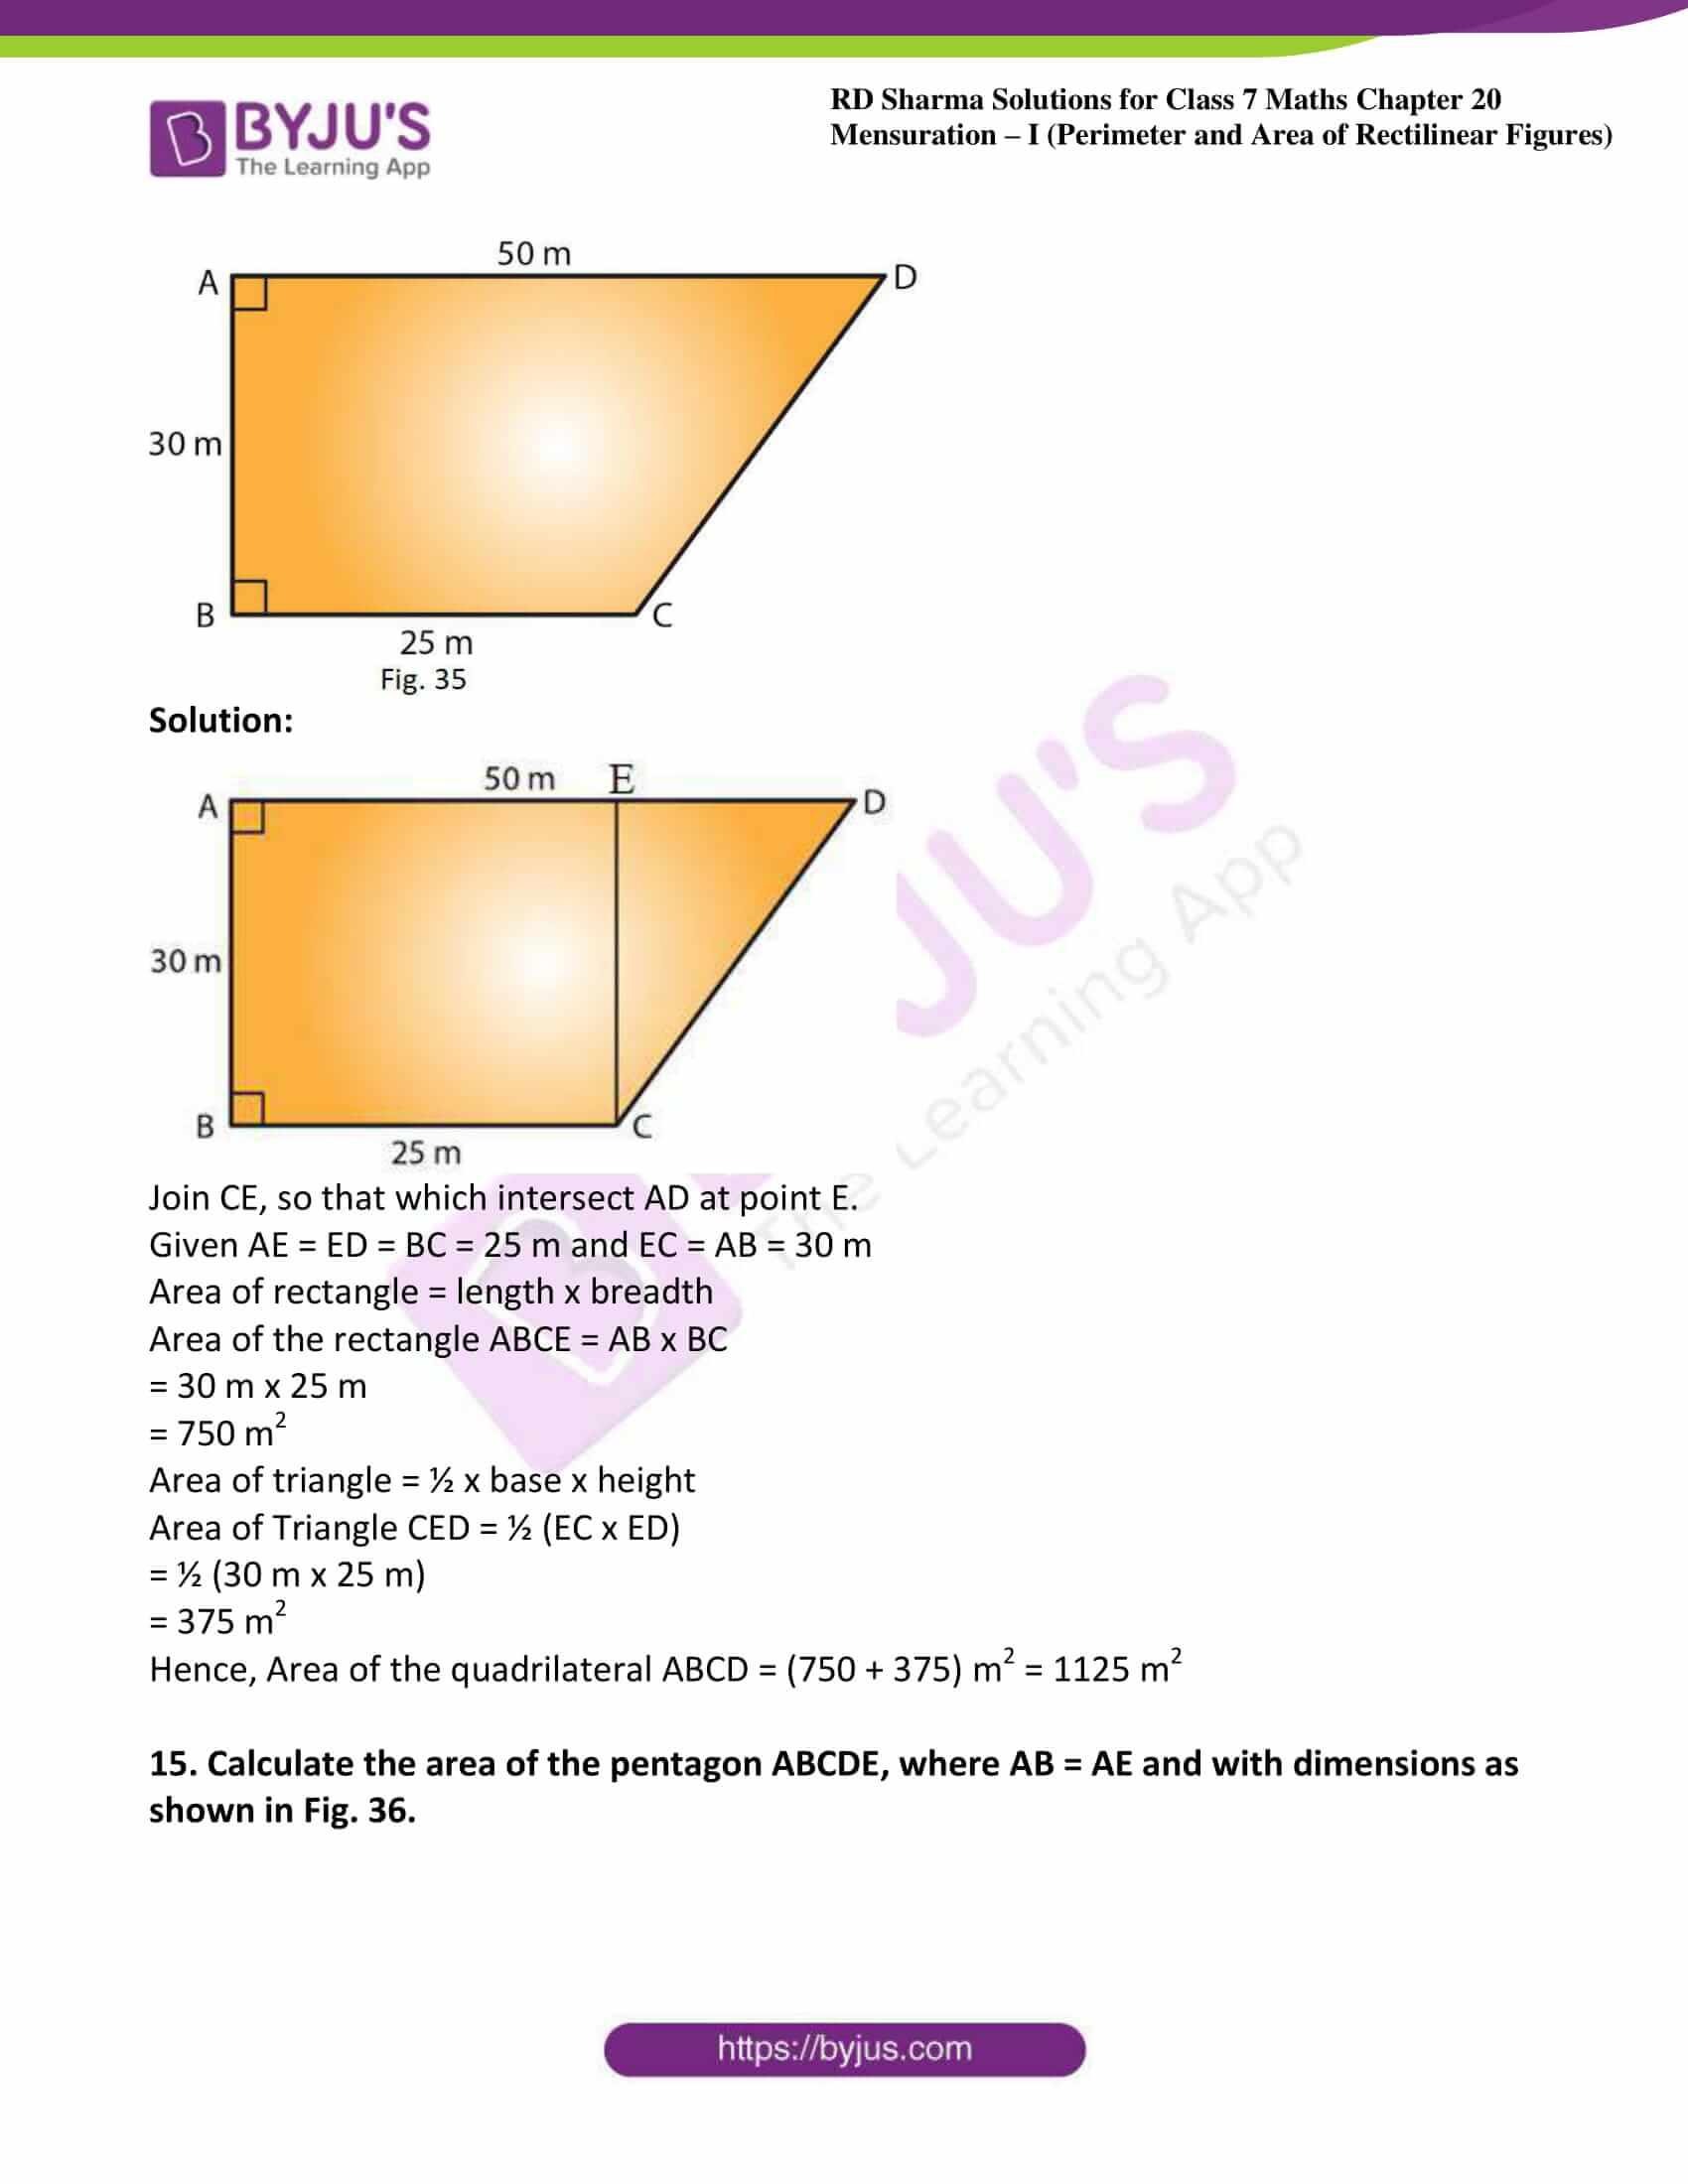 rd sharma maths class7 solution chapter 20 ex 4 09